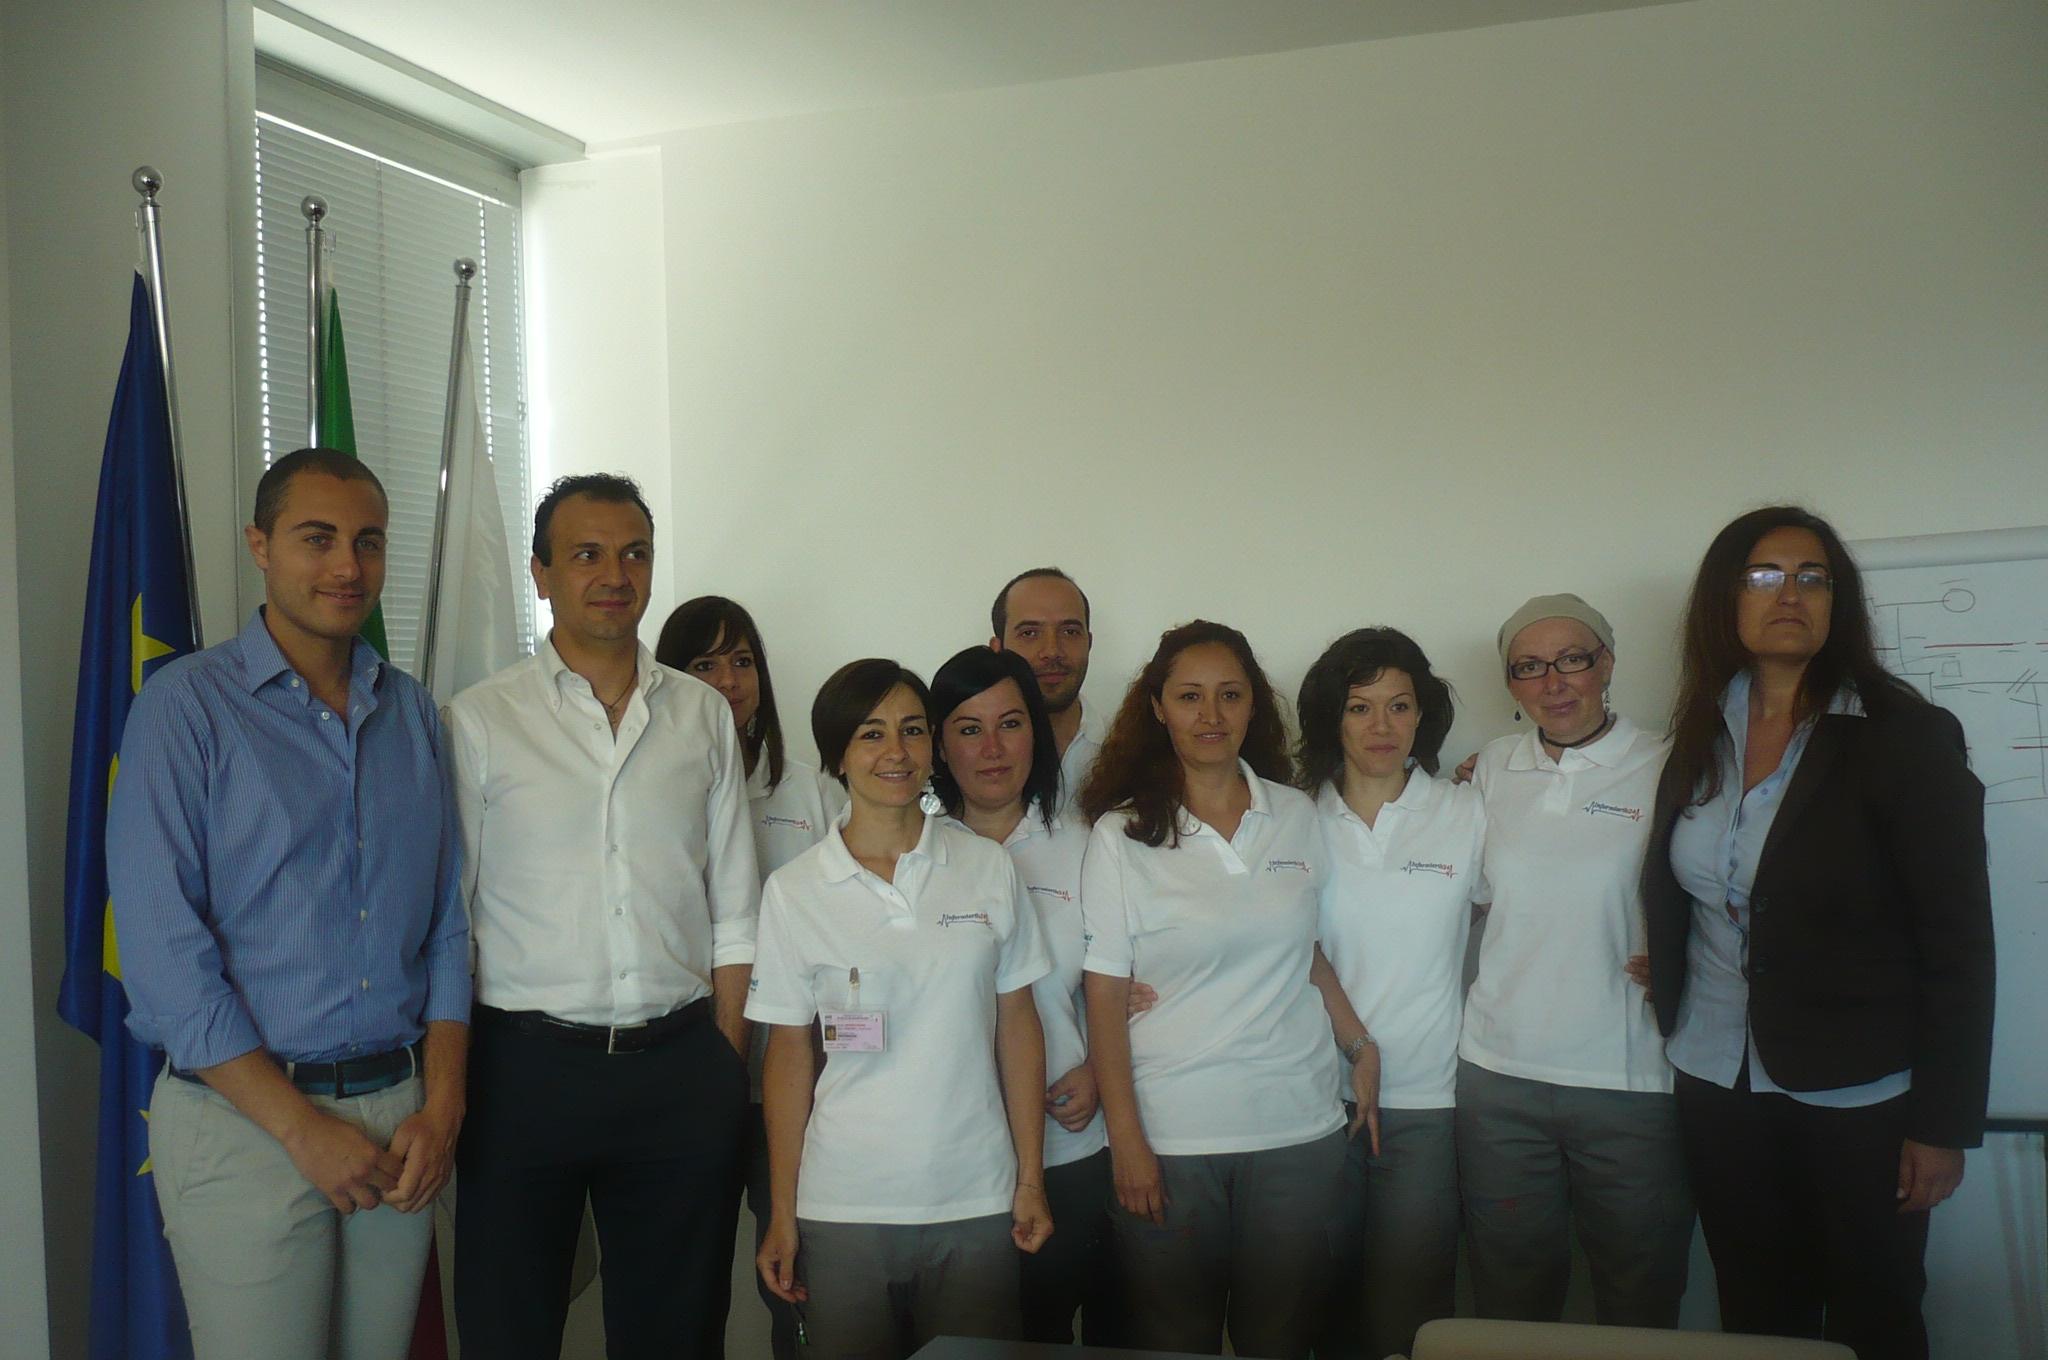 Rappresentanti della cooperativa sociale Infermieri 24h e Confindustria Ascoli Piceno